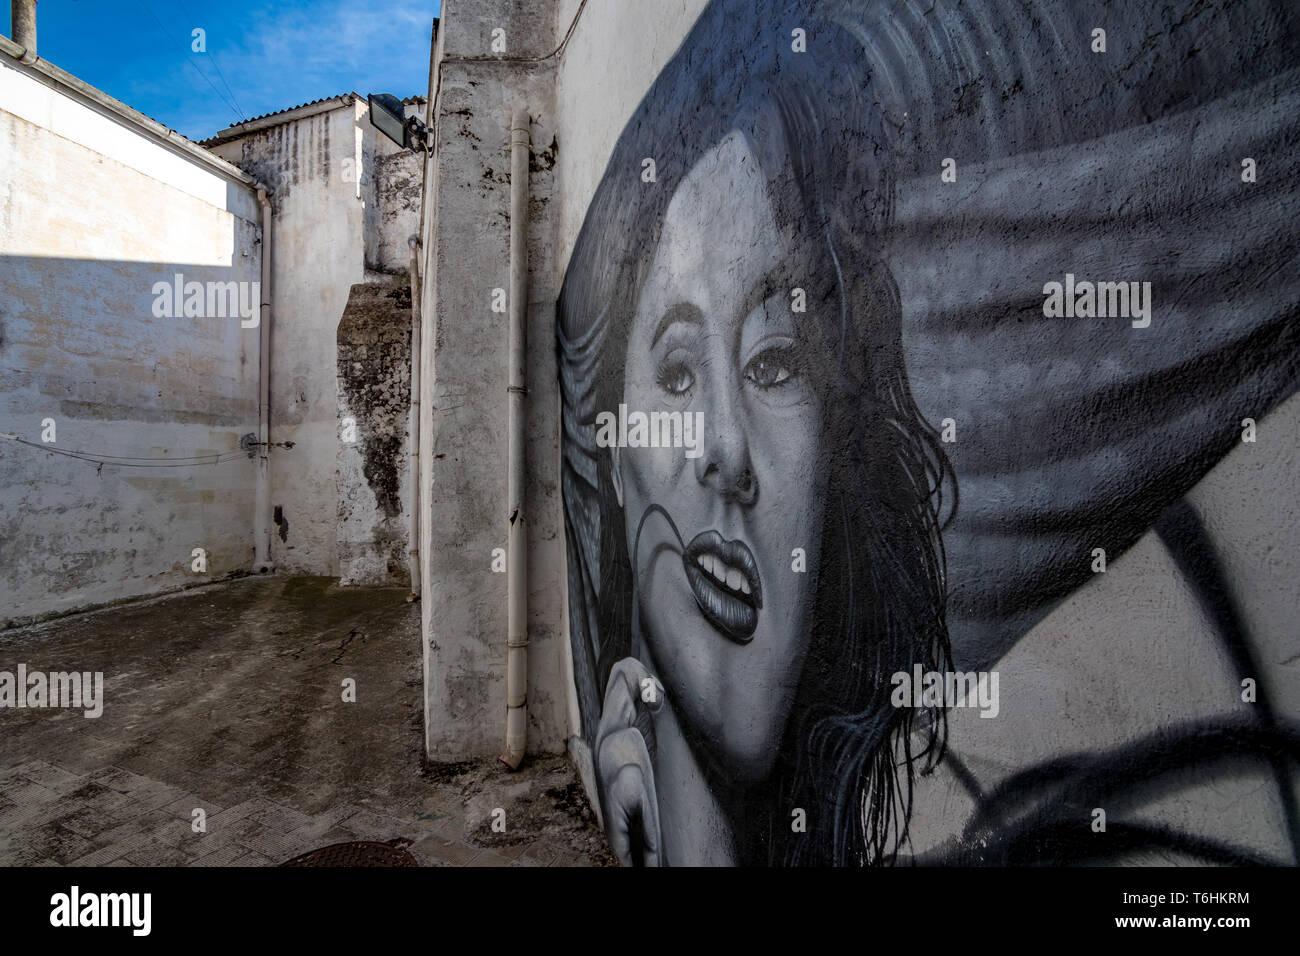 LATERZA, Italien - 27. August 2018 - Schwarz und Weiß street art Graffiti von Frau Lächeln von den weißen Wänden in der Fußgängerzone Pass weg in der Provinz Stockfoto